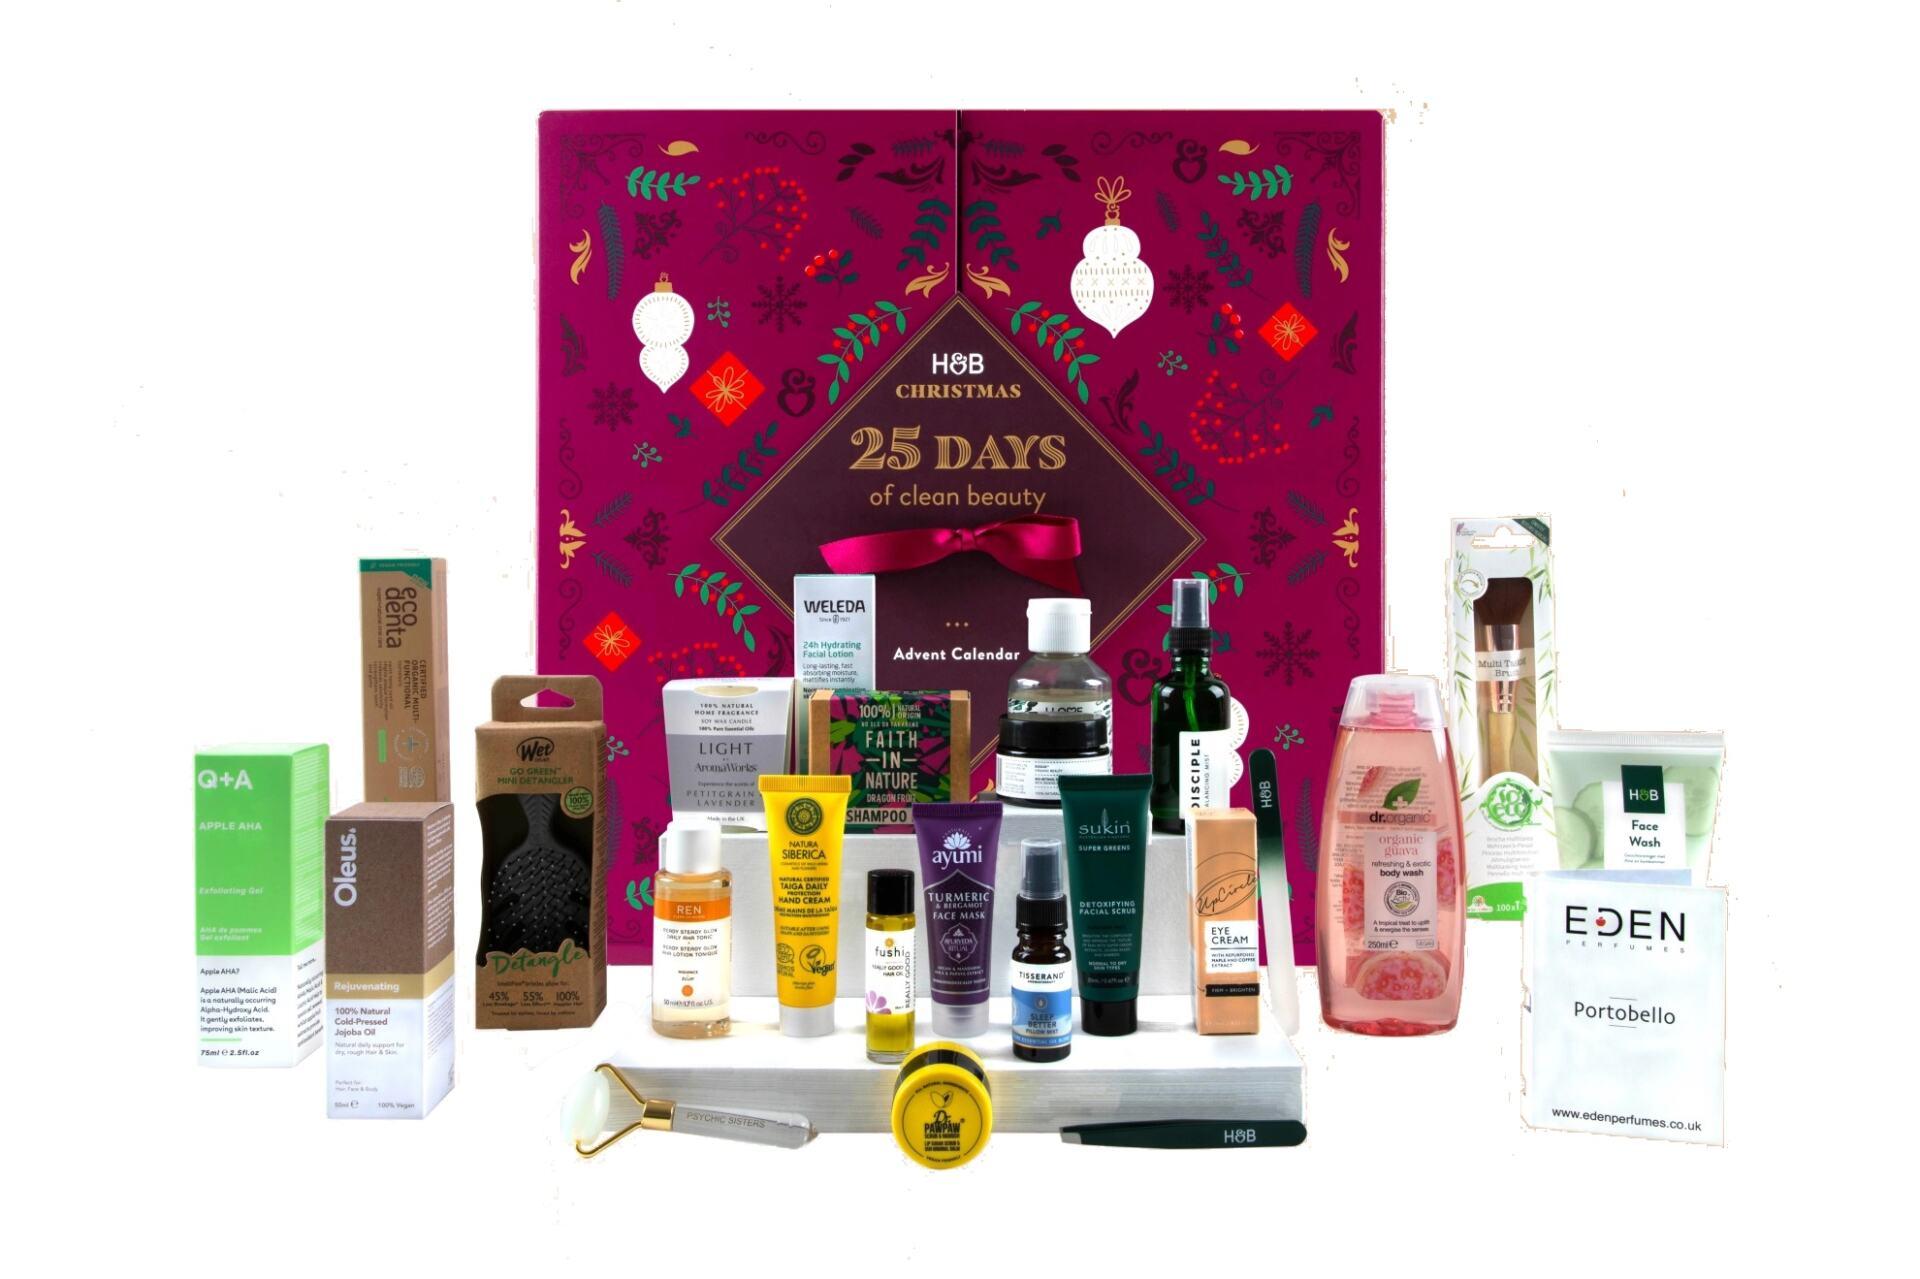 Holland & Barrett 25 Days Of Clean Beauty Advent Calendar 2021 £45